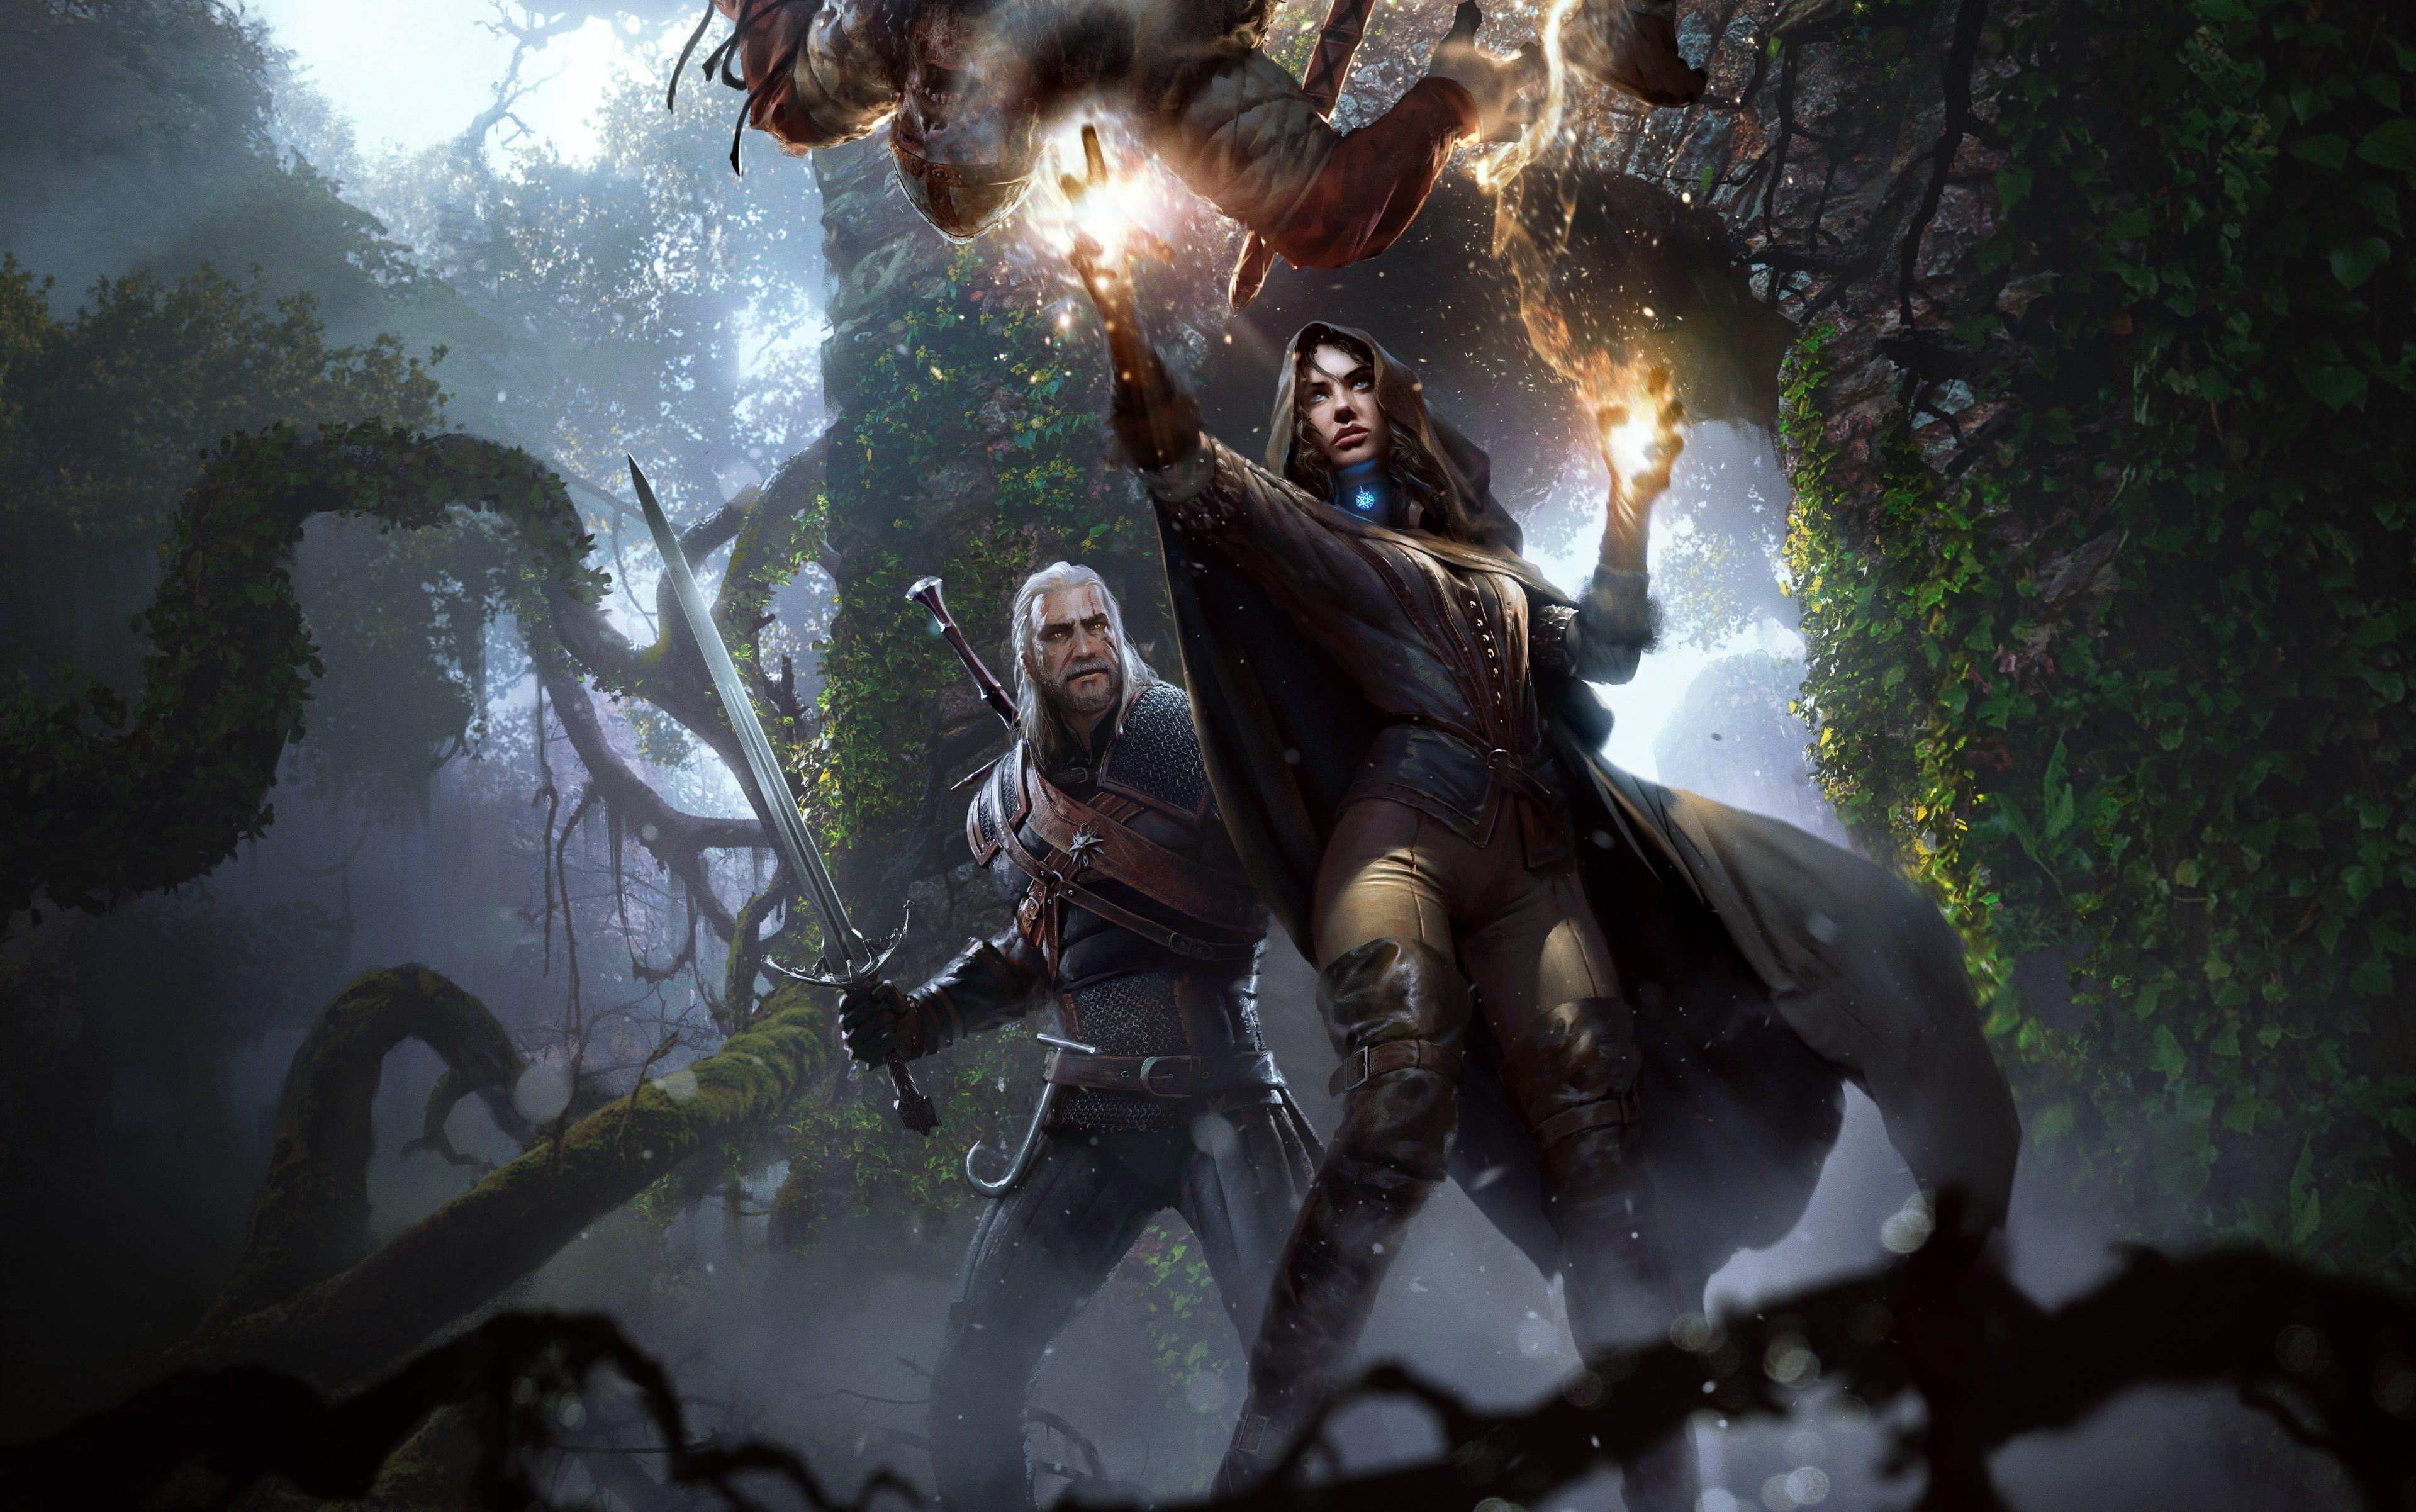 The Witcher 3 Wild Hunt 4k Nice Pic 4k Wallpaper Hdwallpaper Desktop In 2020 Wiedzmin